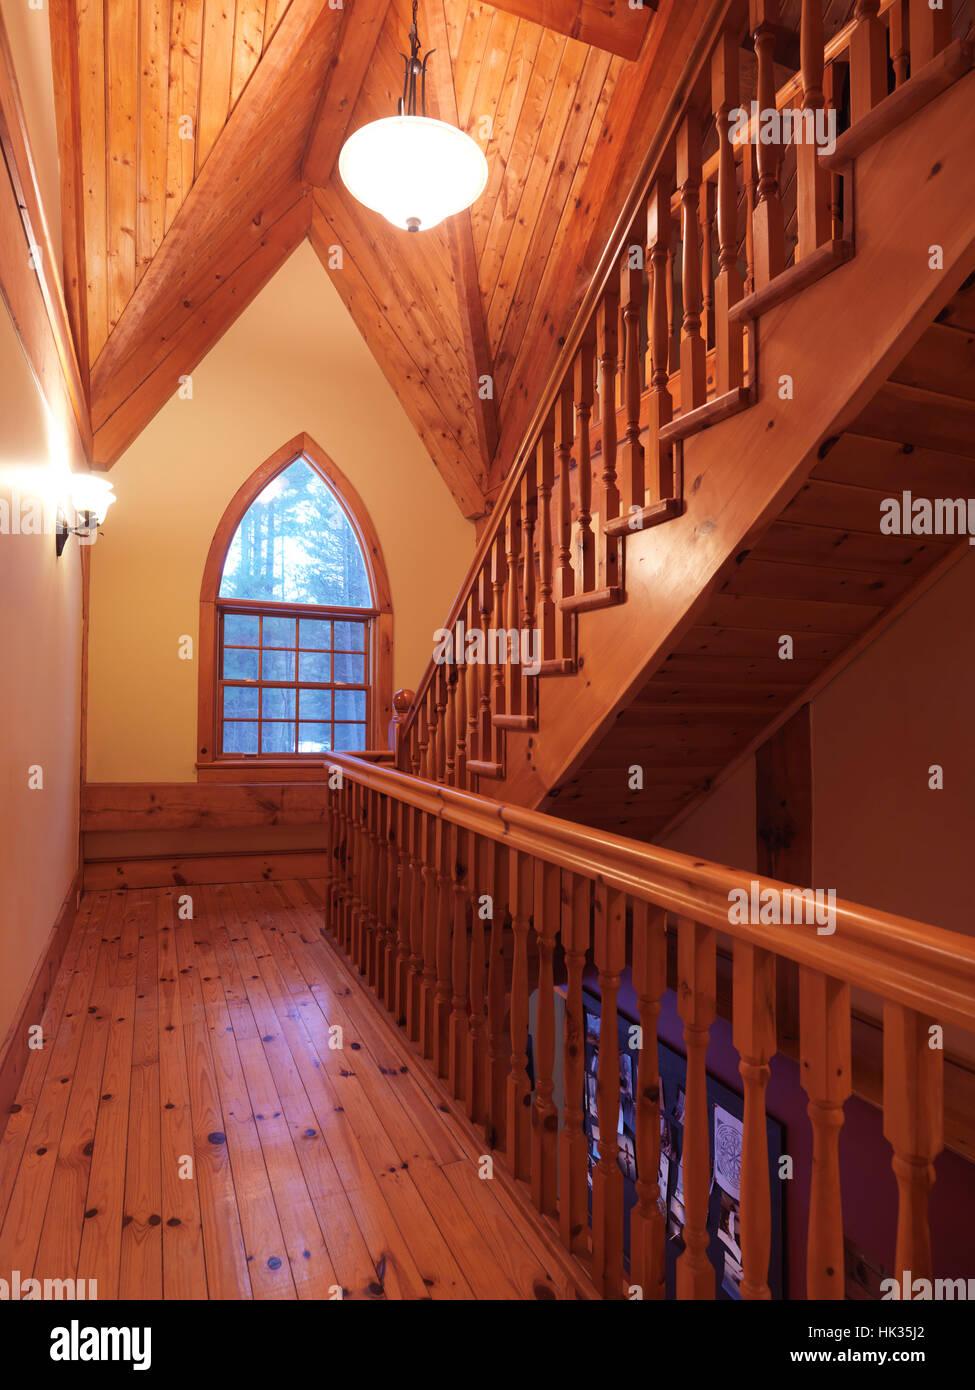 Chassis En Bois Style Chalet Maison Canadienne Interieur Hall Avec